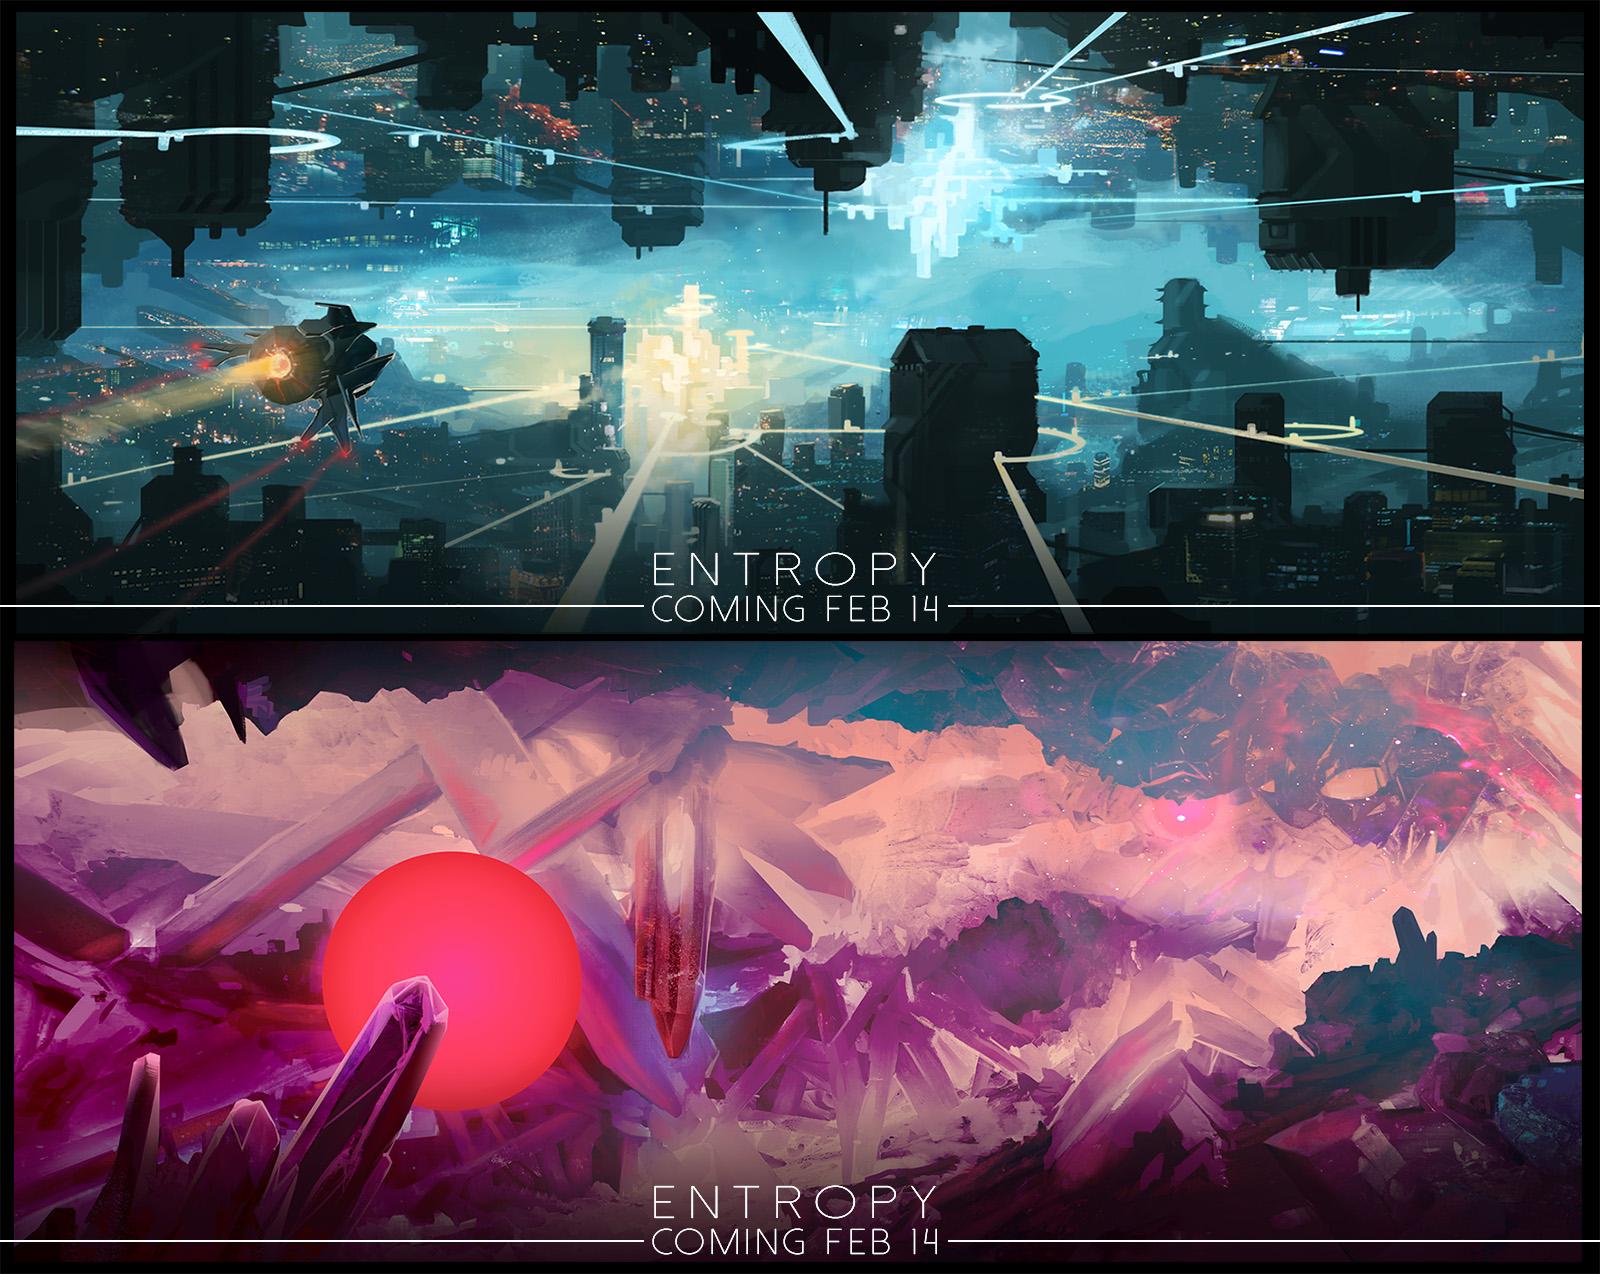 Entropy (Environments)